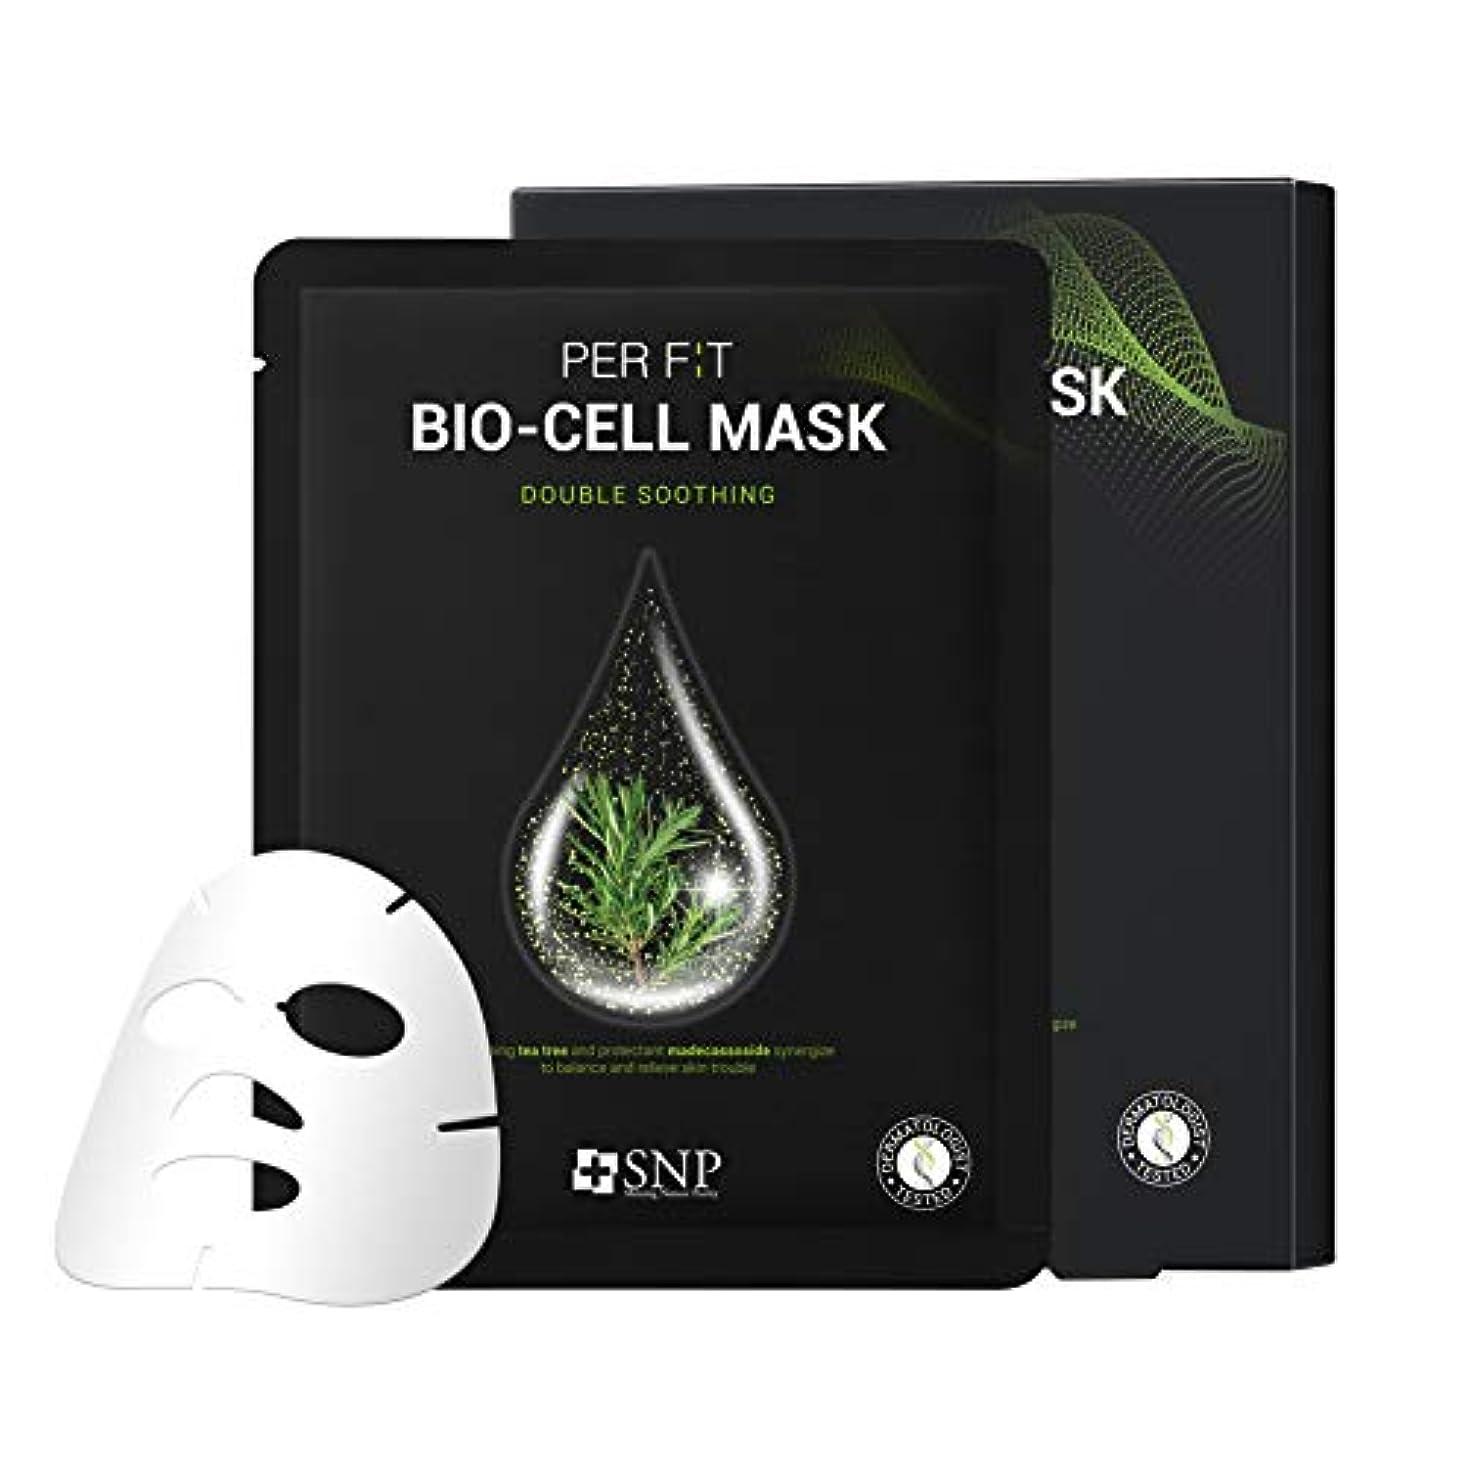 策定する私たち飲料【SNP公式】 パーフィット バイオセルマスク ダブルスージング 5枚セット / PER F:T BIO-CELL MASK DOUBLE SOOTHING 韓国パック 韓国コスメ パック マスクパック シートマスク